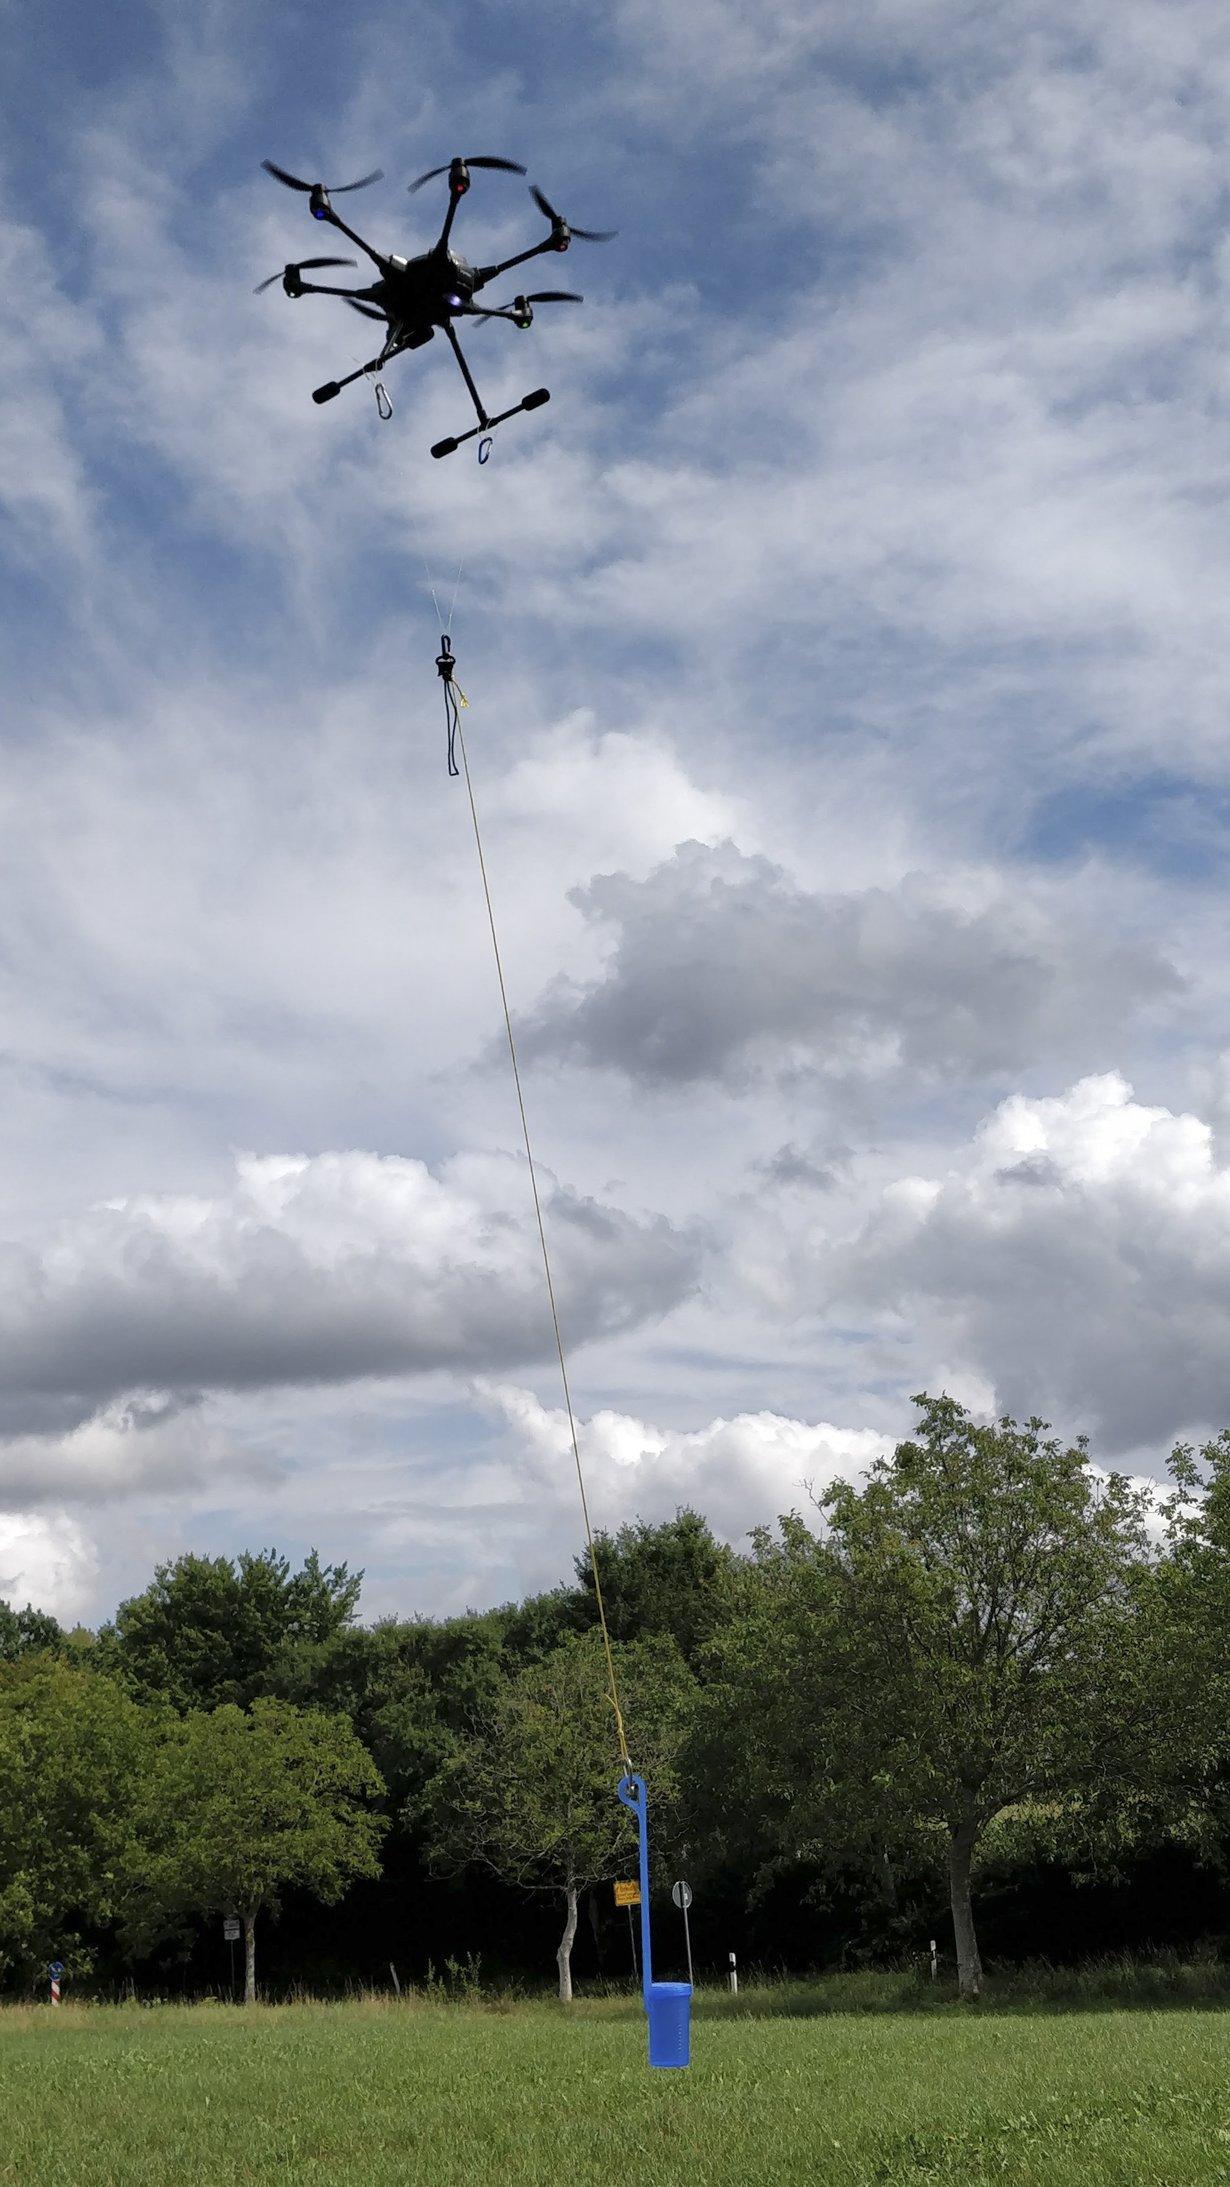 Probenahmeeinheit für Wasserproben, montiert an Drohne